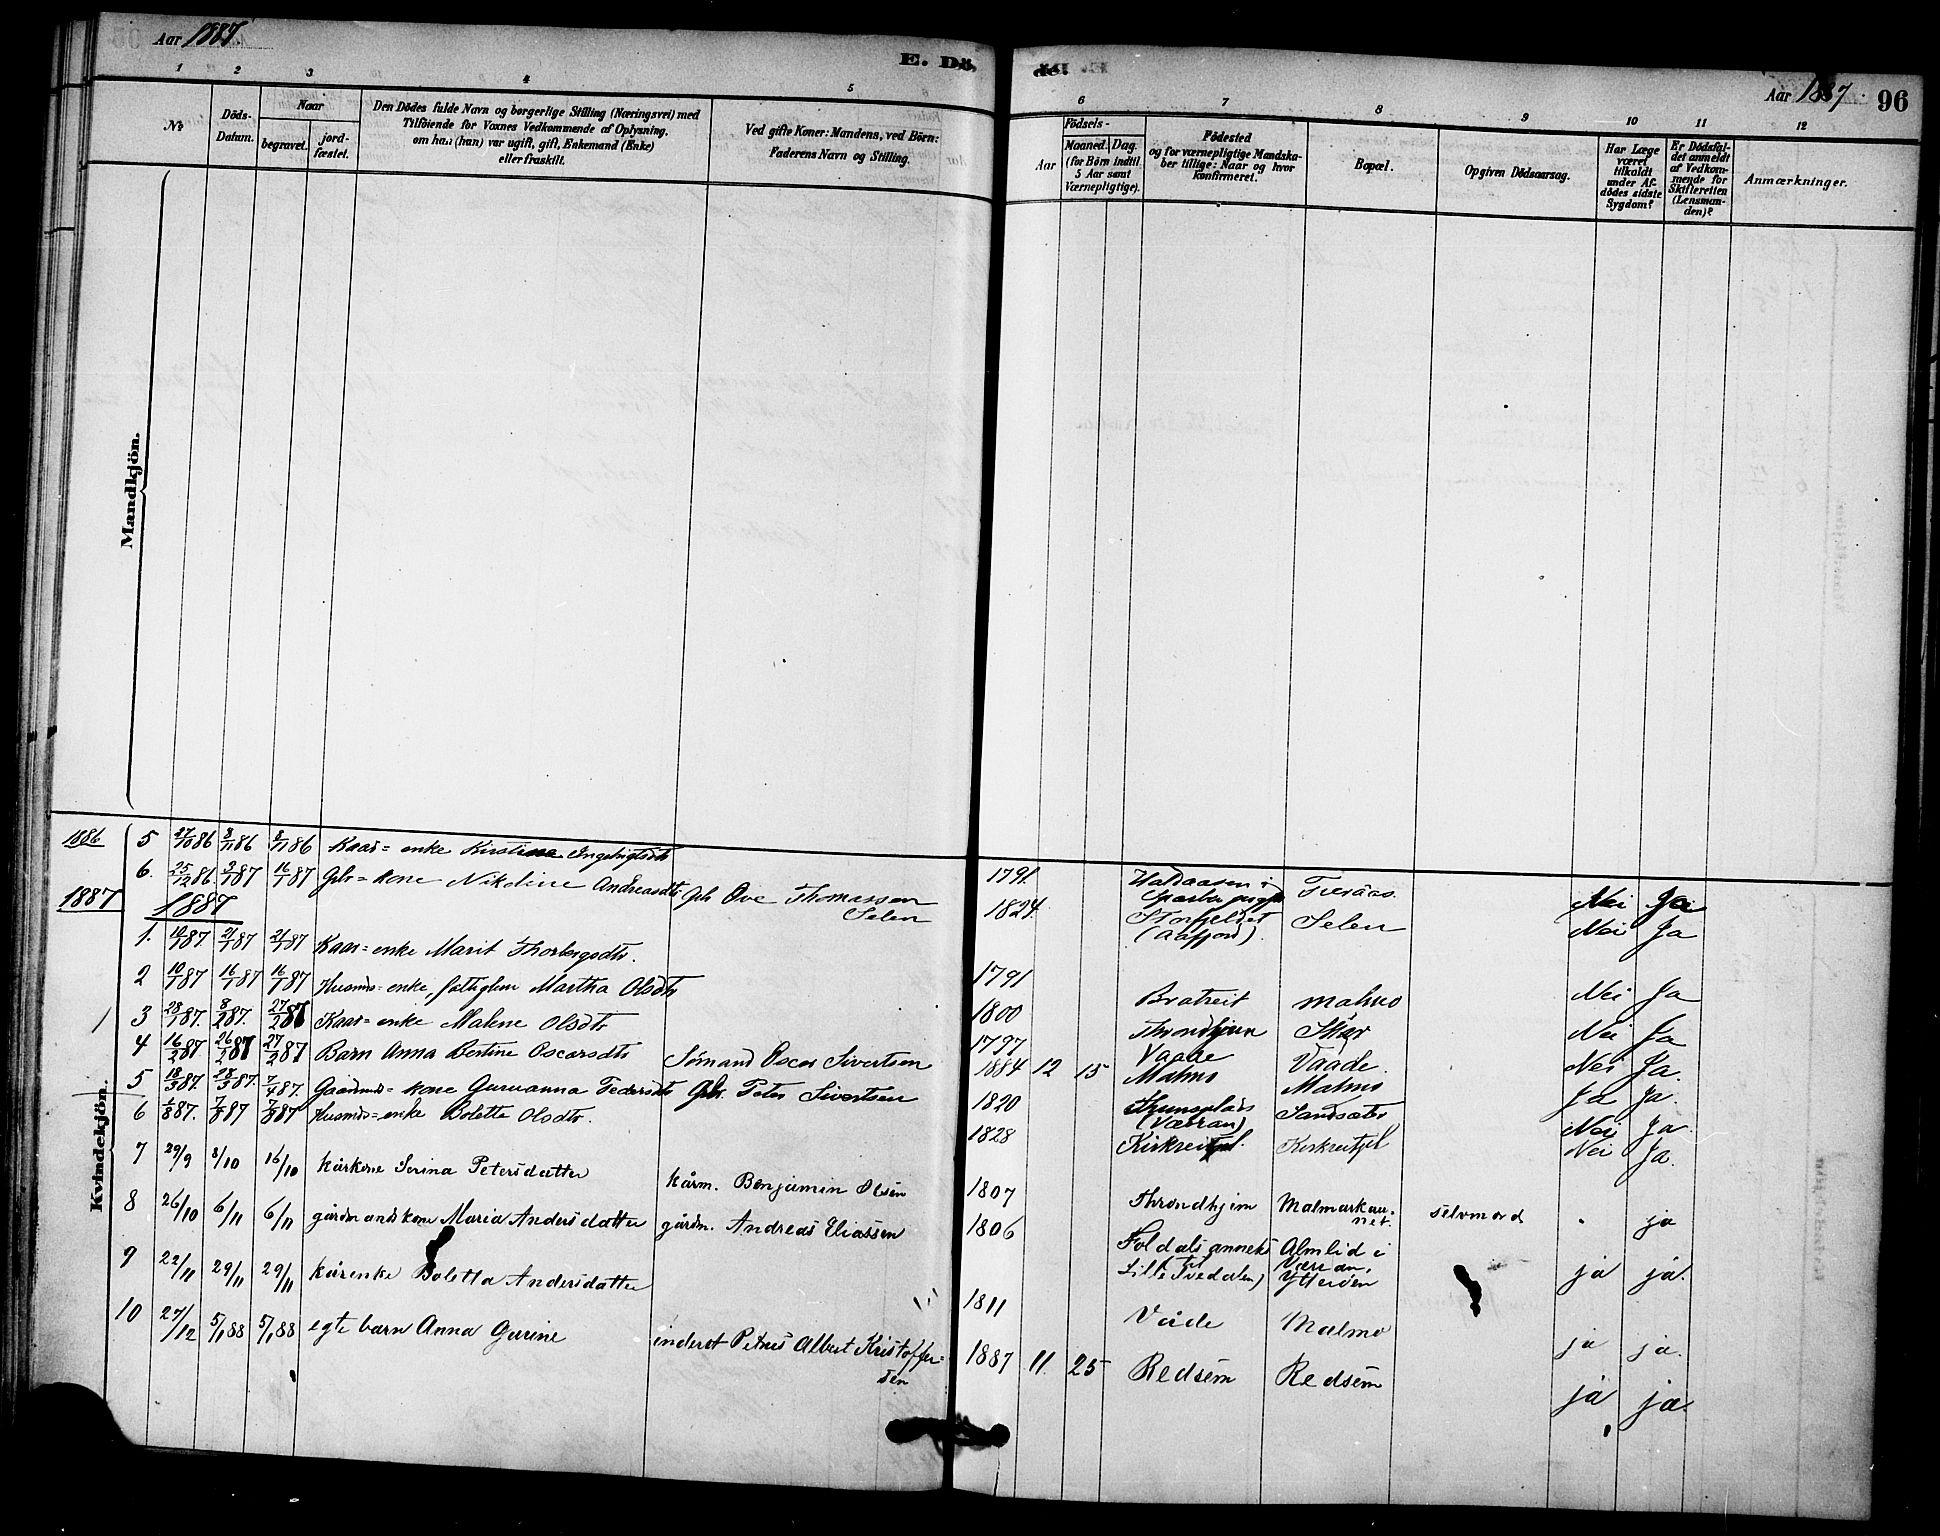 SAT, Ministerialprotokoller, klokkerbøker og fødselsregistre - Nord-Trøndelag, 745/L0429: Ministerialbok nr. 745A01, 1878-1894, s. 96